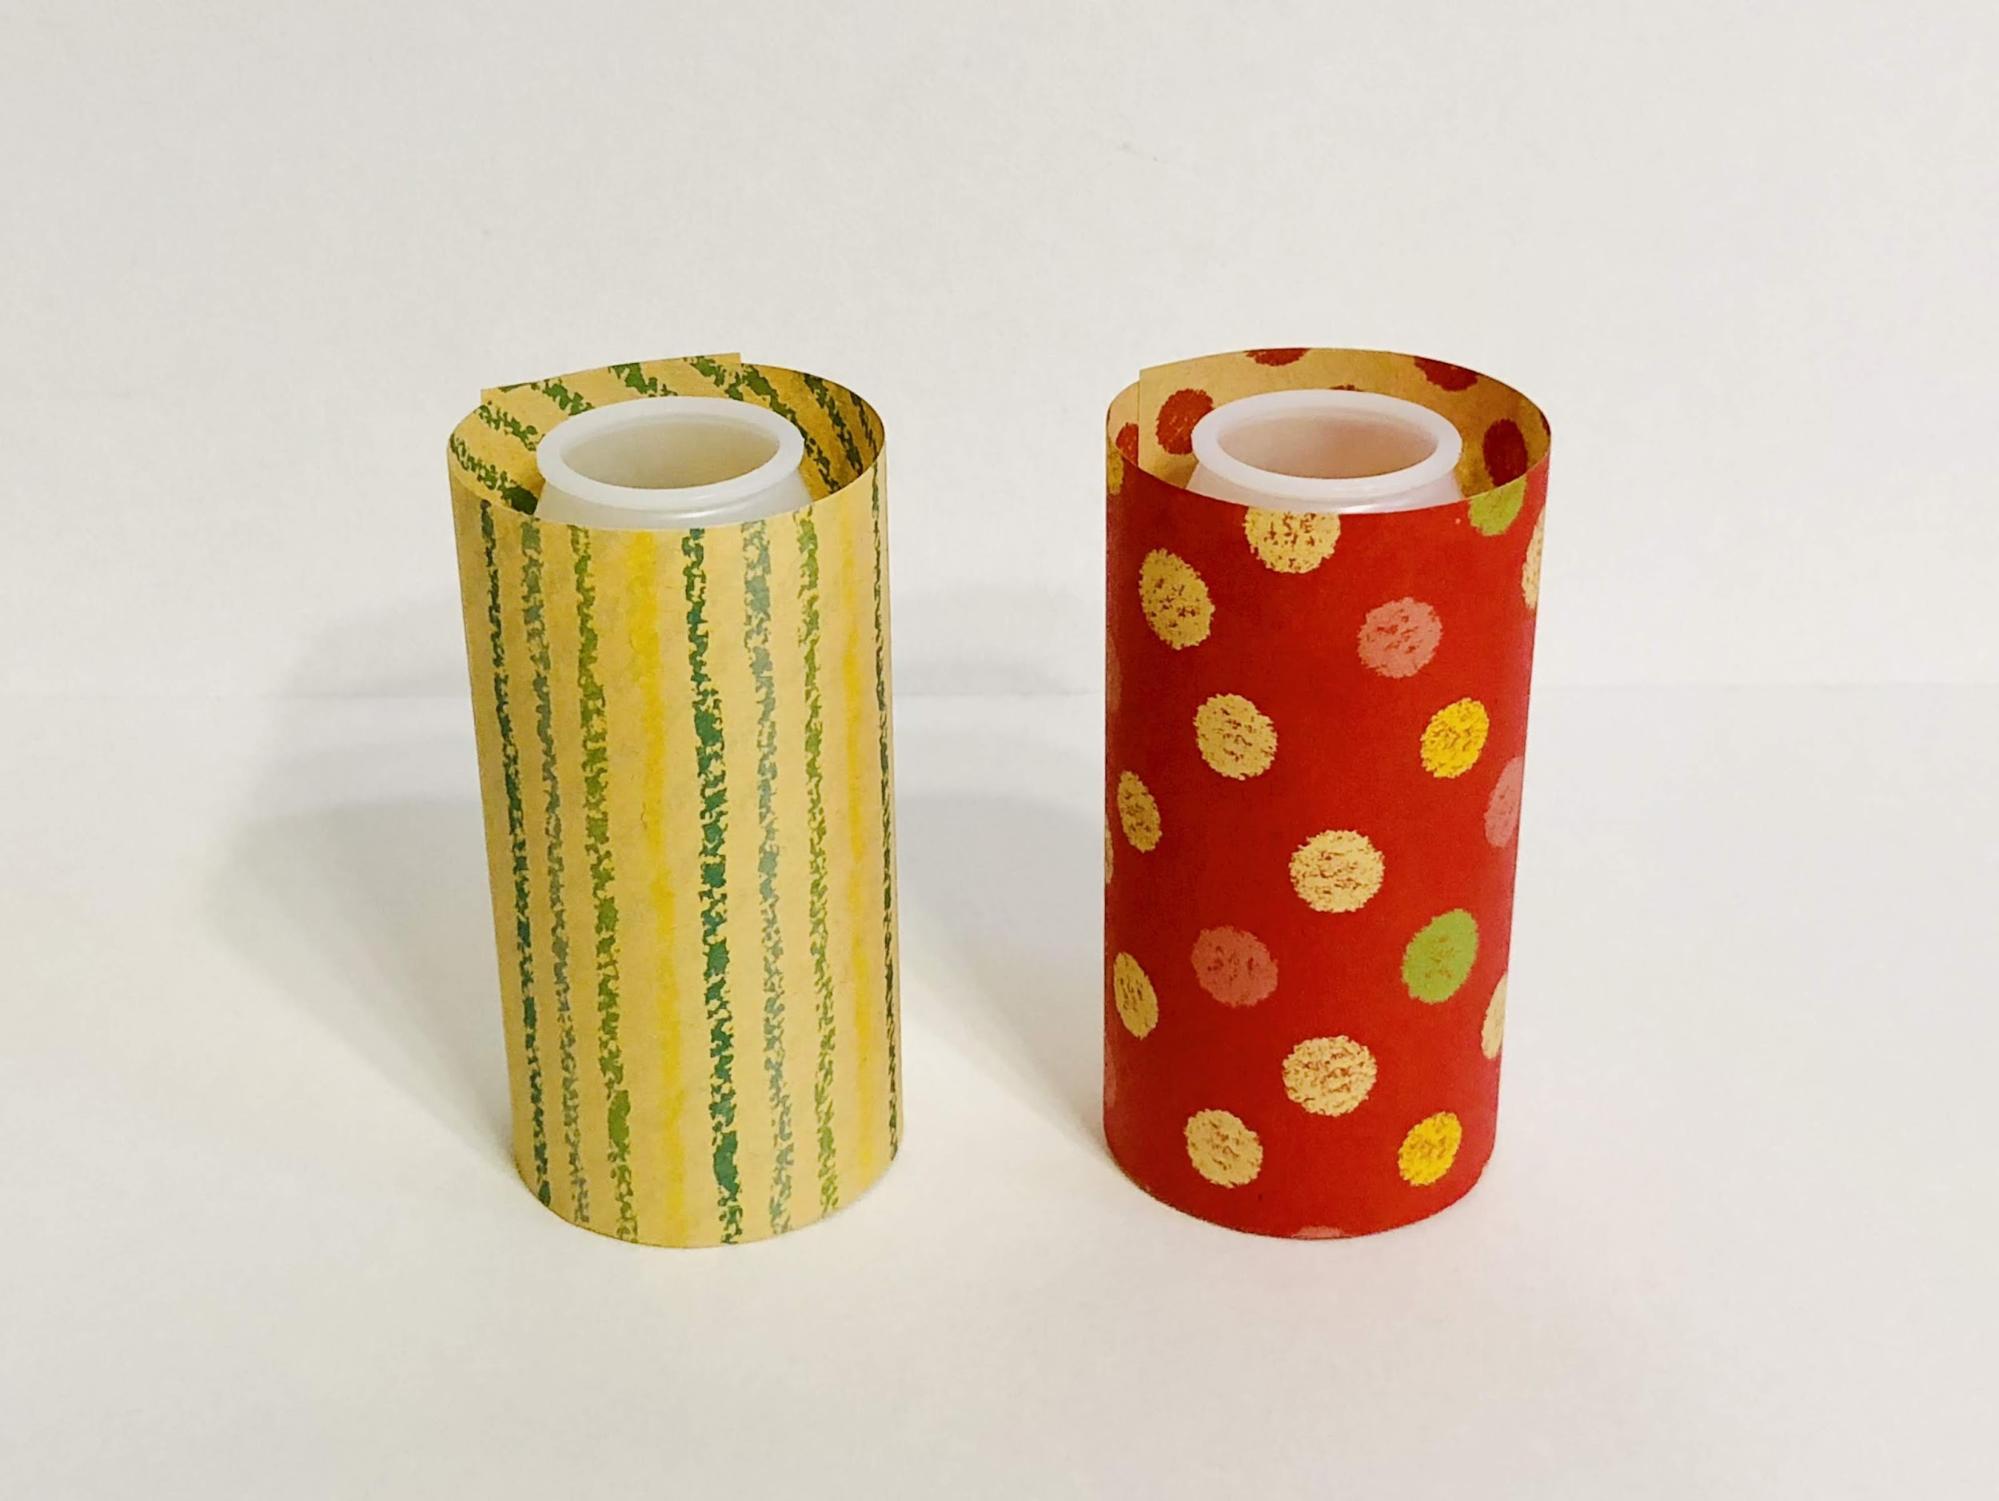 乳酸菌飲料の容器に半分サイズの千代紙を巻き付けてボンドで貼ります。